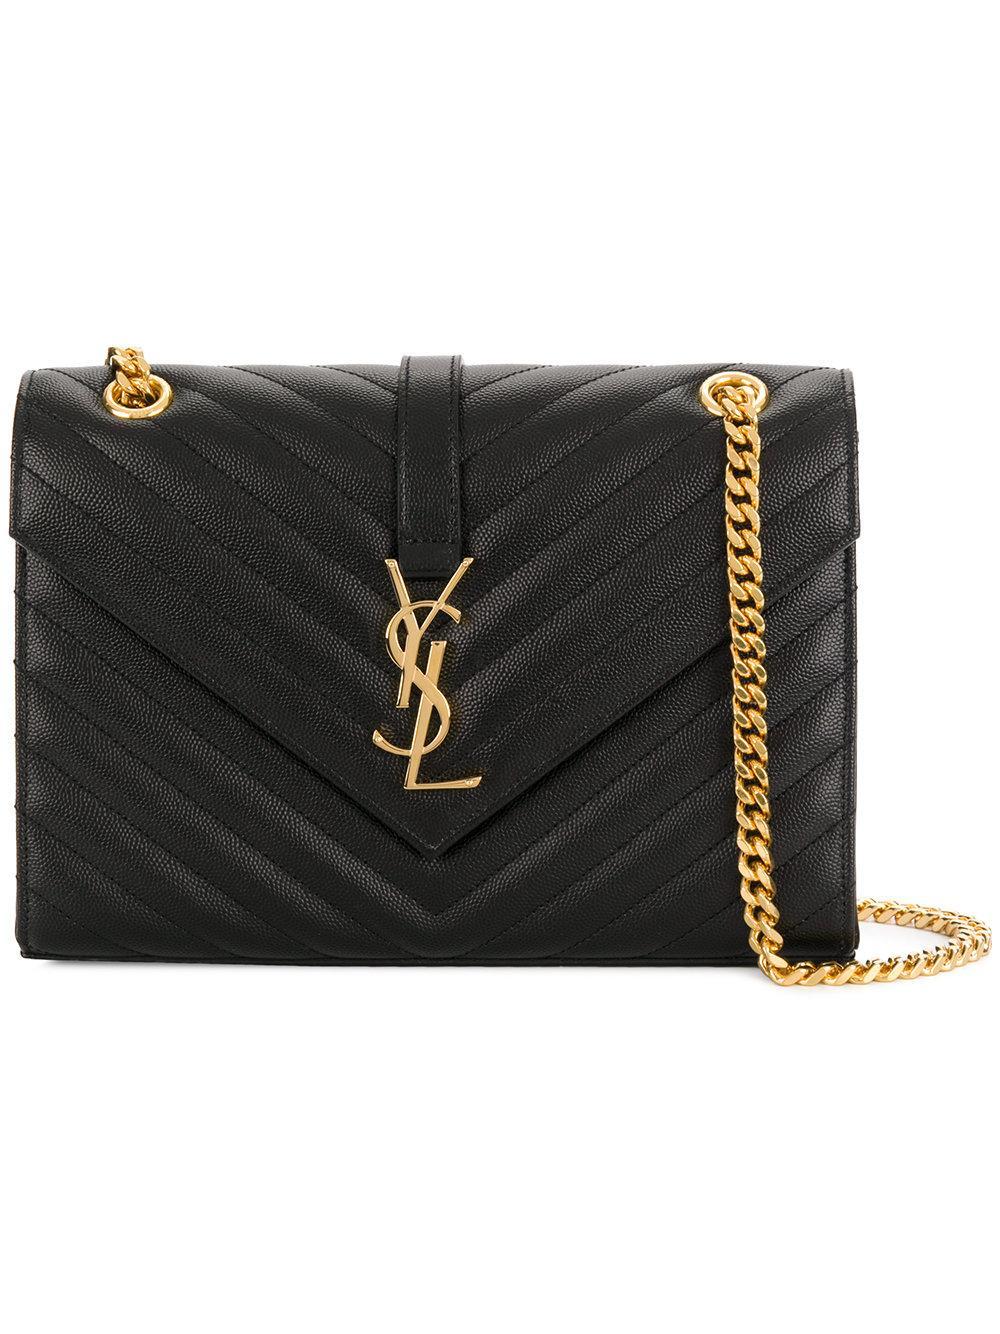 bd6de9a590 Saint Laurent Medium Envelope Bag